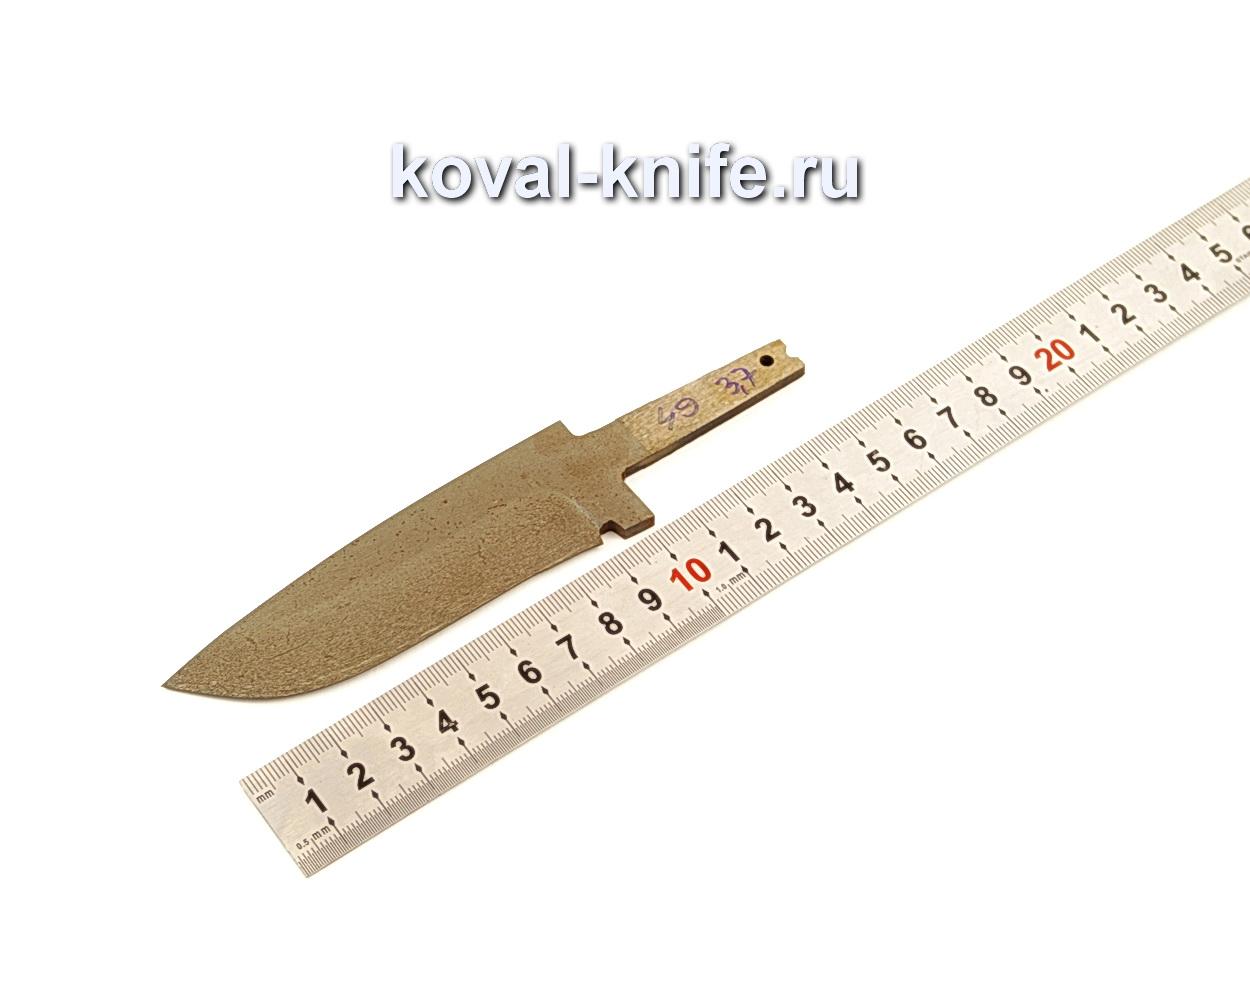 Клинок для ножа из из булатной стали N49